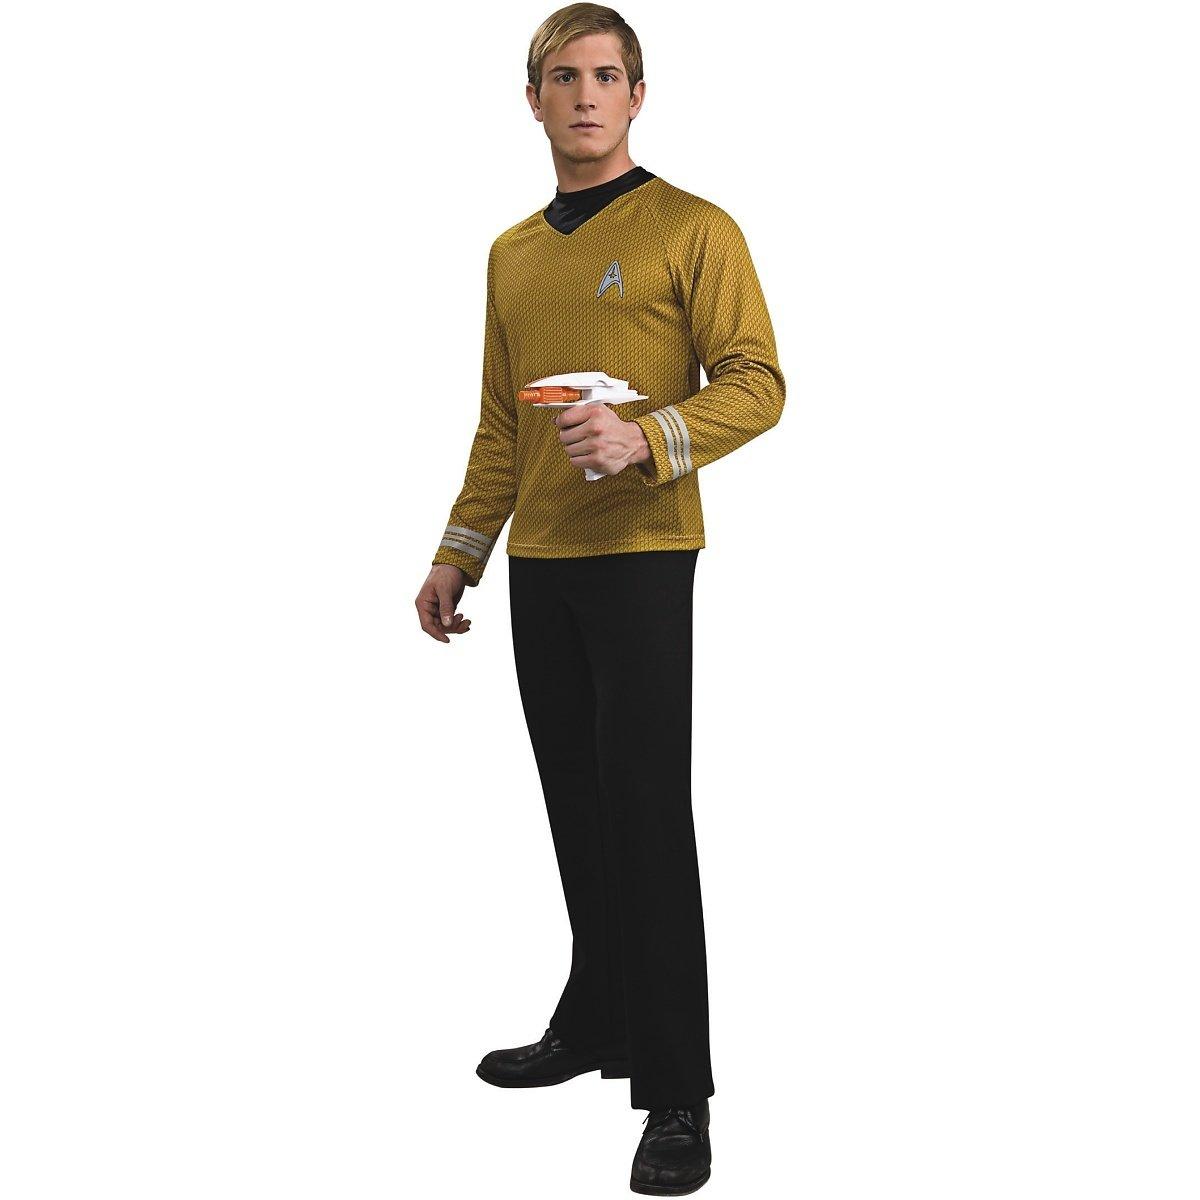 Adult Star Trek Captain Kirk Halloween Costume Adult Plus (jacket 46-52)